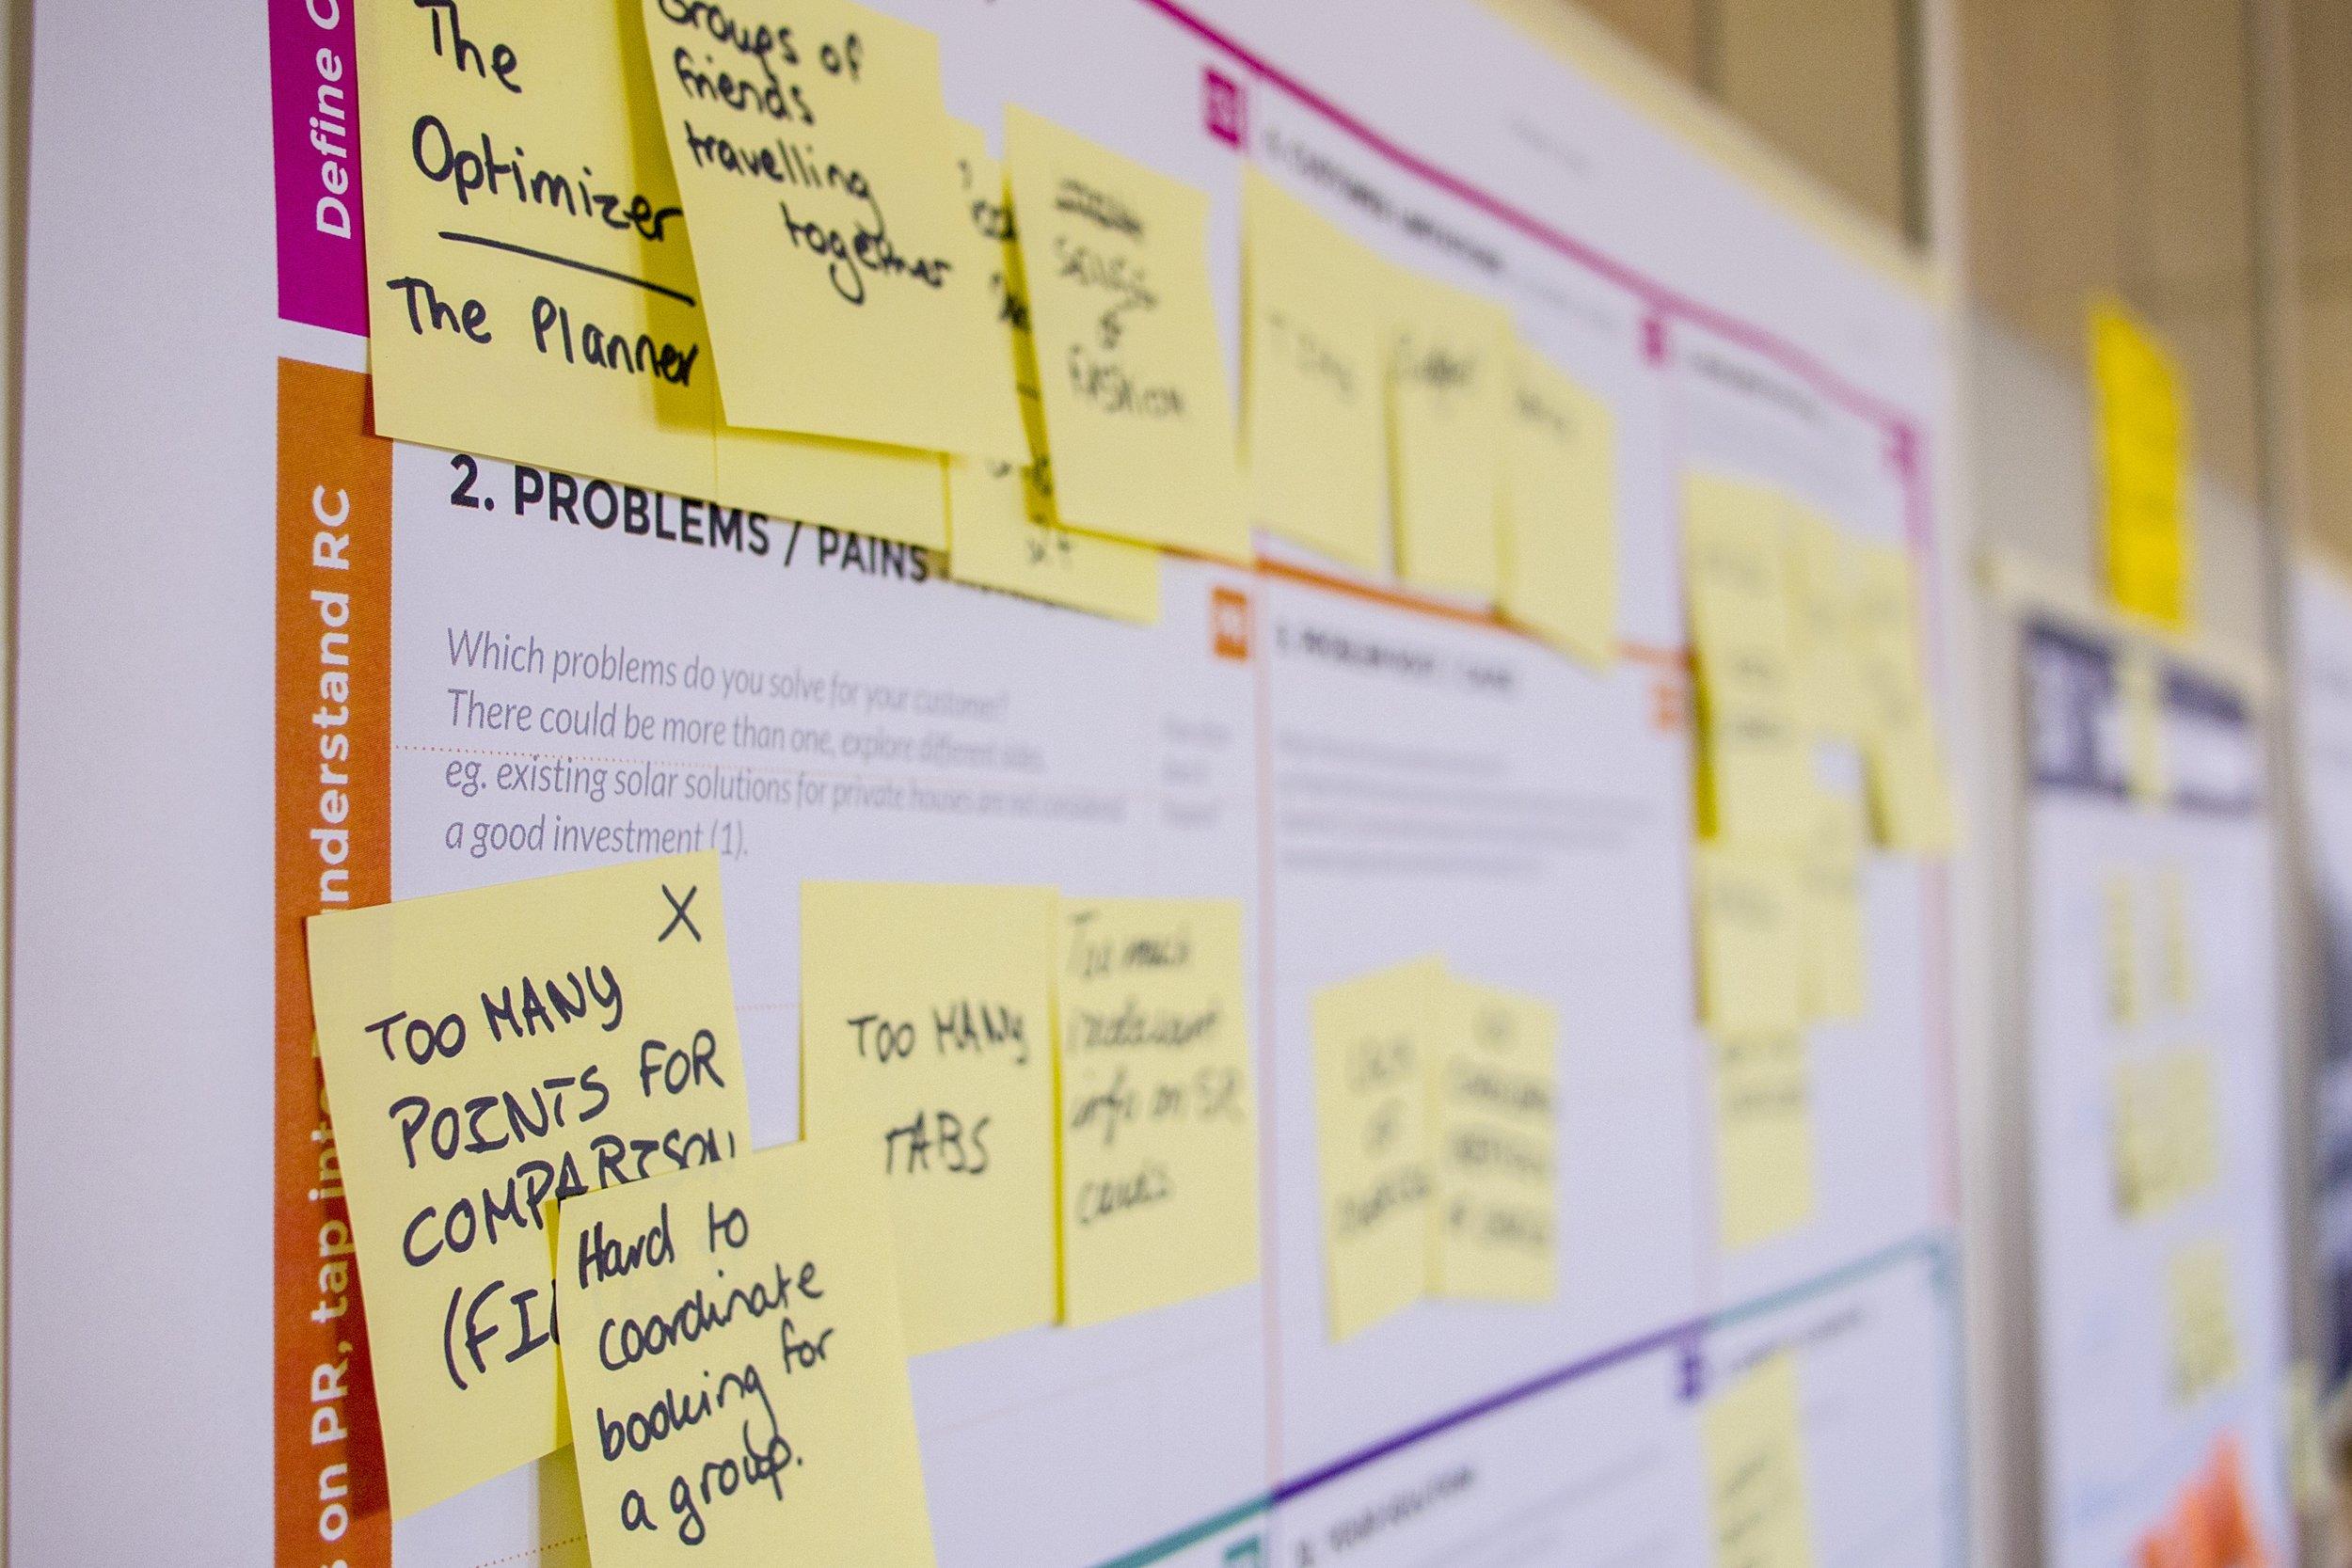 Hvor stort tenker du? - Idébootcamp er for deg som ønsker å være en av de fremste på idégenerering og nytenkning. Denne bootcampen vil gi deg verktøy som kan være avgjørende for din jobb med å skape en innovativ og bærekraftig fremtid.